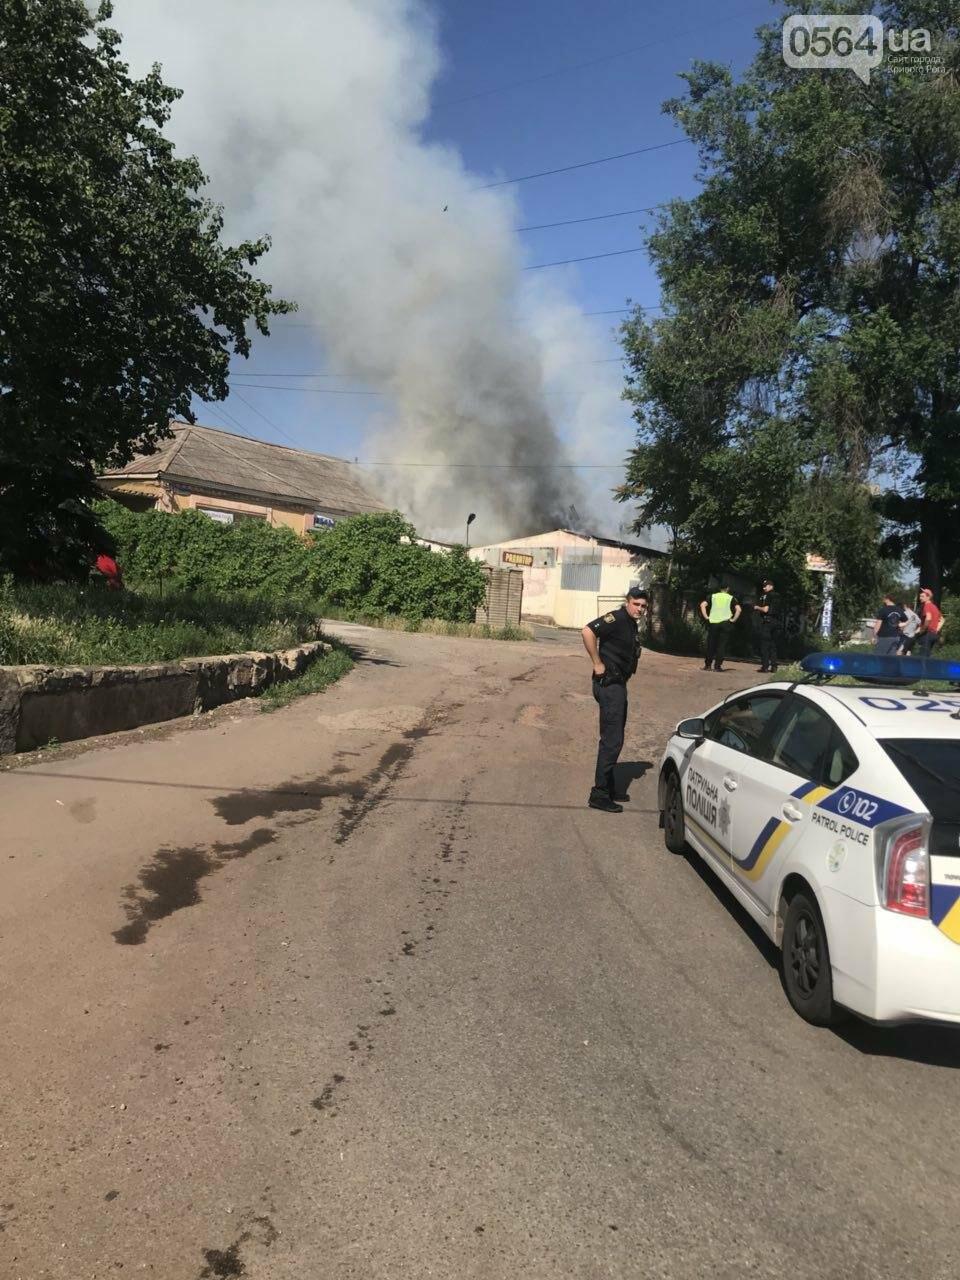 В Кривом Роге на СТО произошел пожар, сгорела как минимум одна машина, - ФОТО , фото-1